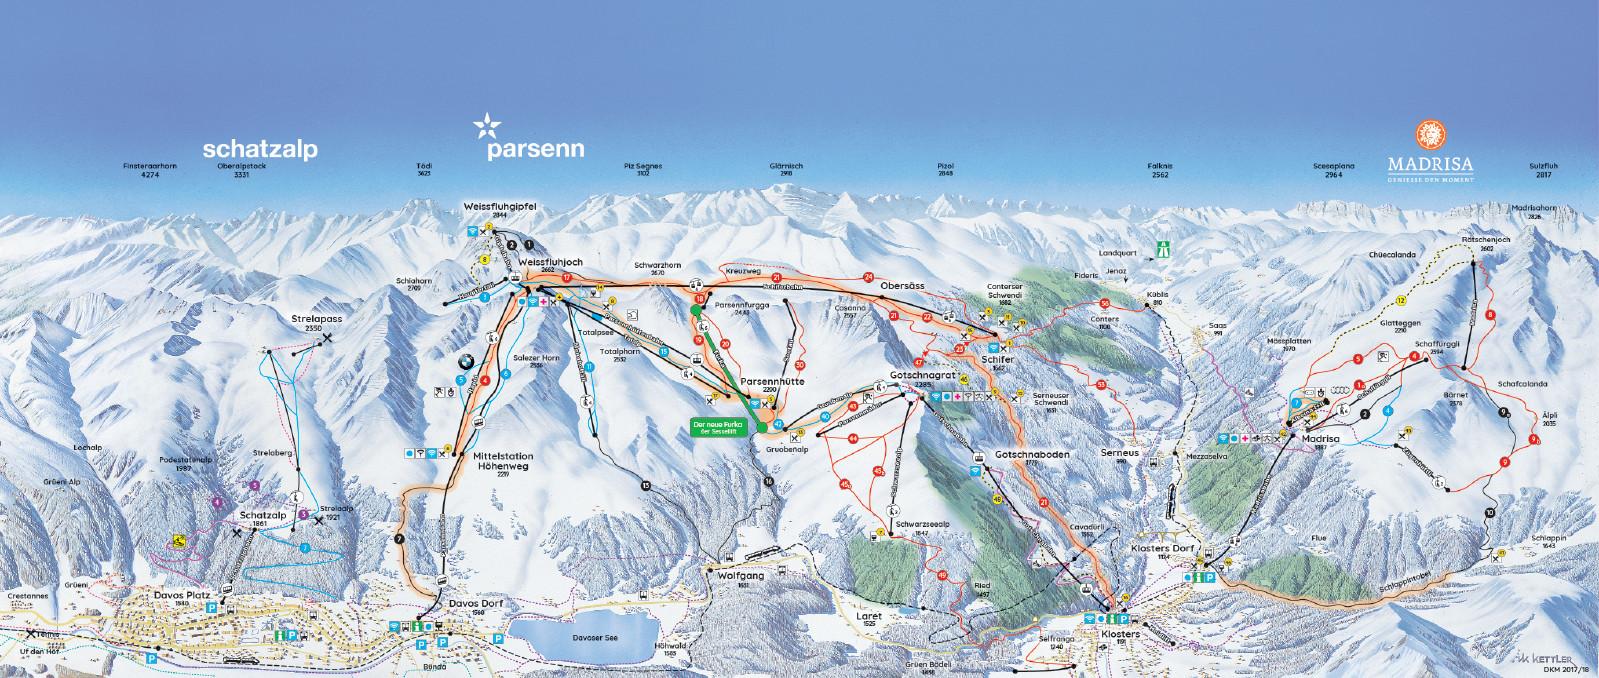 Pistenplan von Davos Klosters Mountains